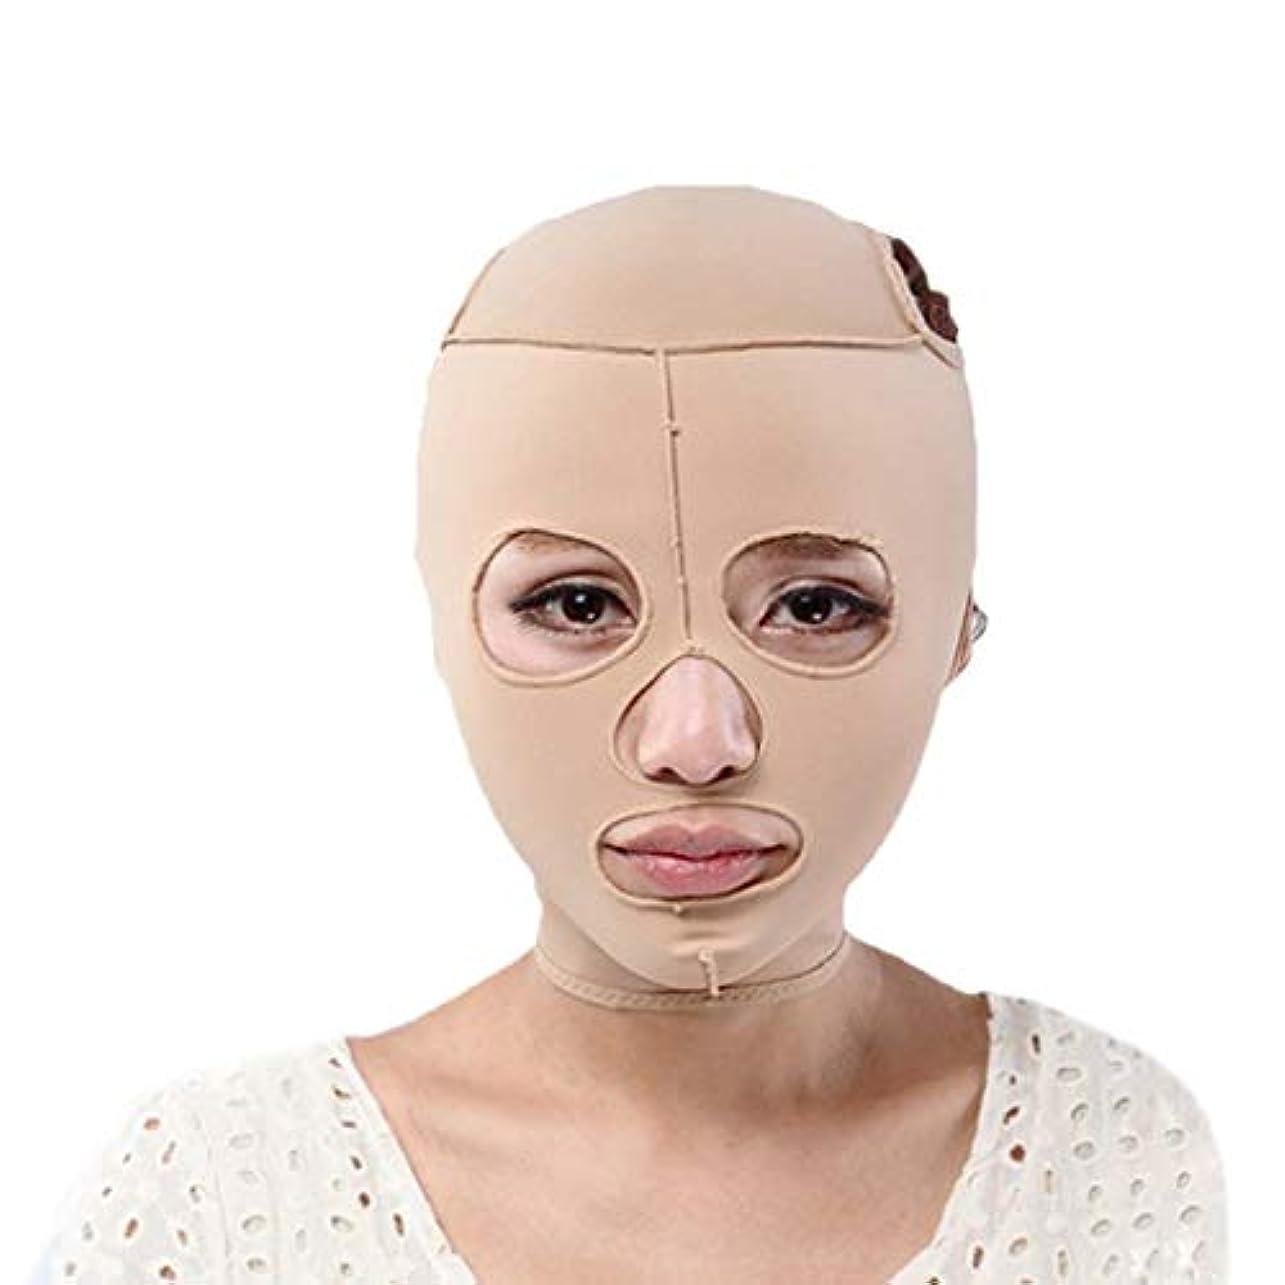 部分世界的に雇用チンストラップ、顔の減量アンチシワマスク、快適な通気性マスク付きオールインクルーシブフェイス、薄型フェイスマスクリフティング包帯引き締め(サイズ:S),L